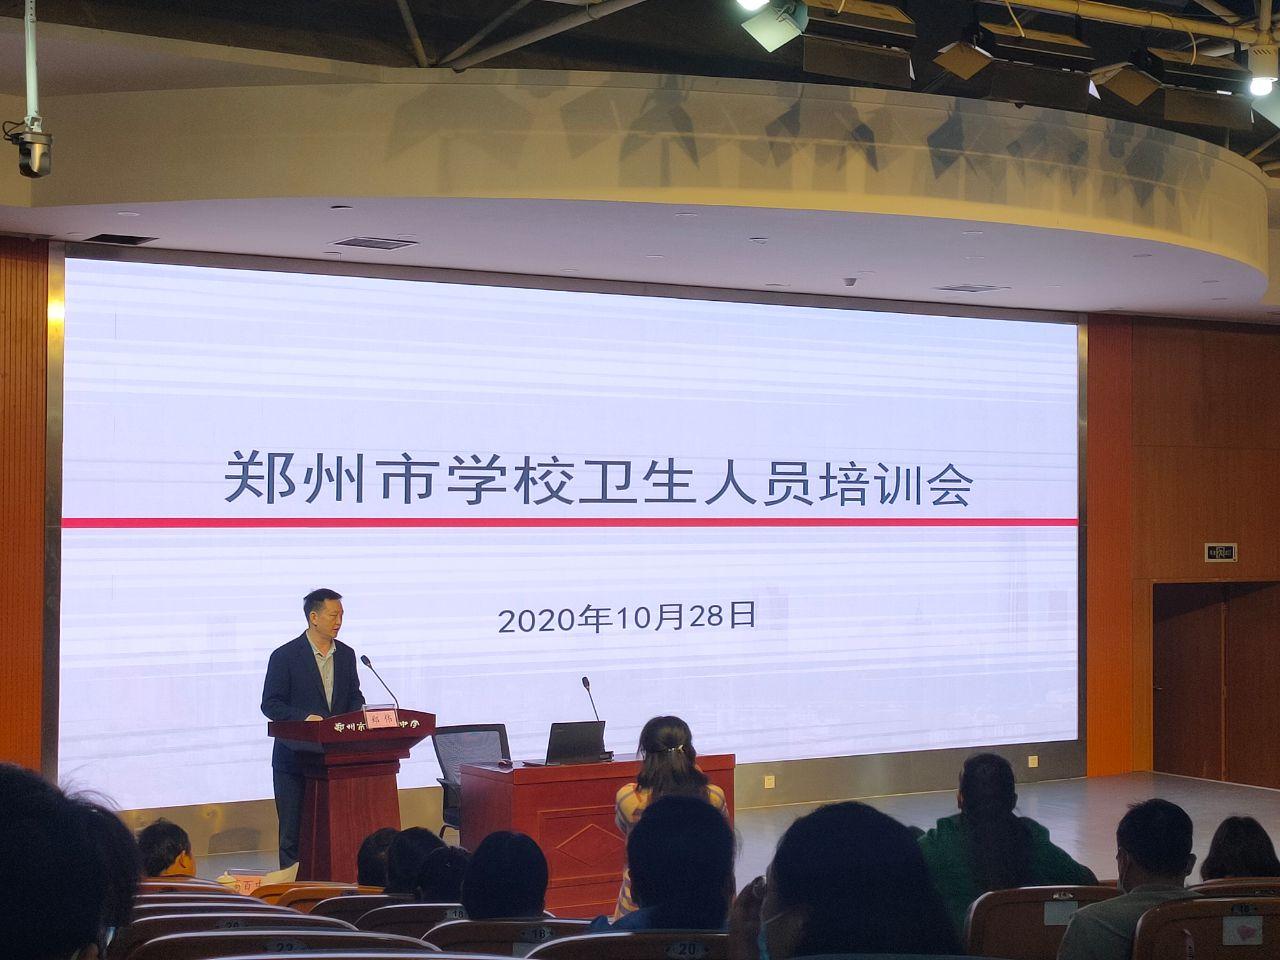 2020年zhengzhou市学校卫生人员培xun会